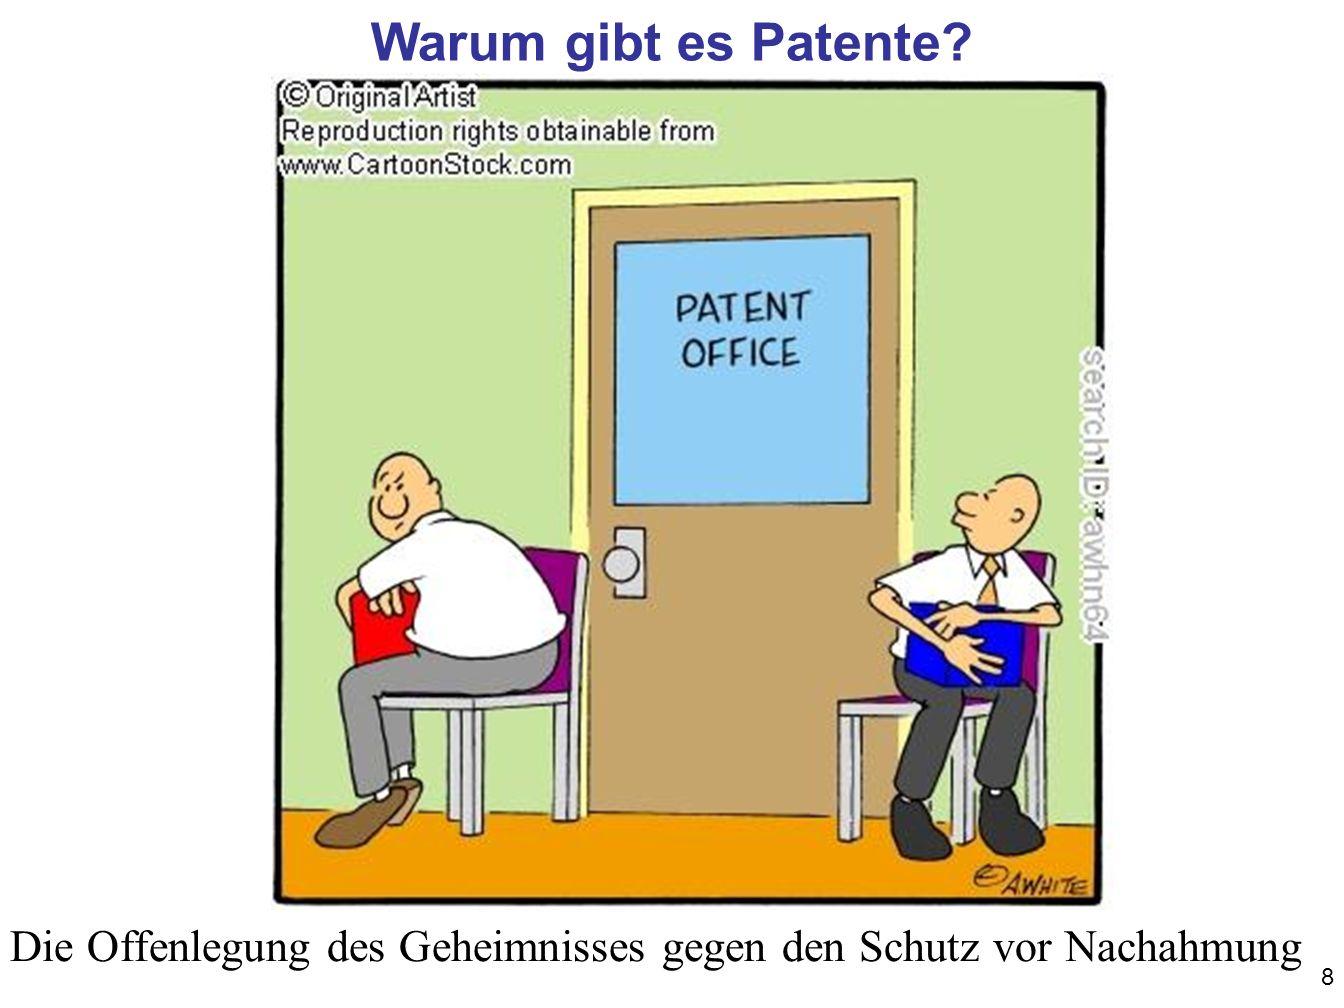 Warum gibt es Patente d.h. Sicherung des Marktvorsprungs, Schutz vor Nachahmung. Die Offenlegung des Geheimnisses gegen den Schutz vor Nachahmung.